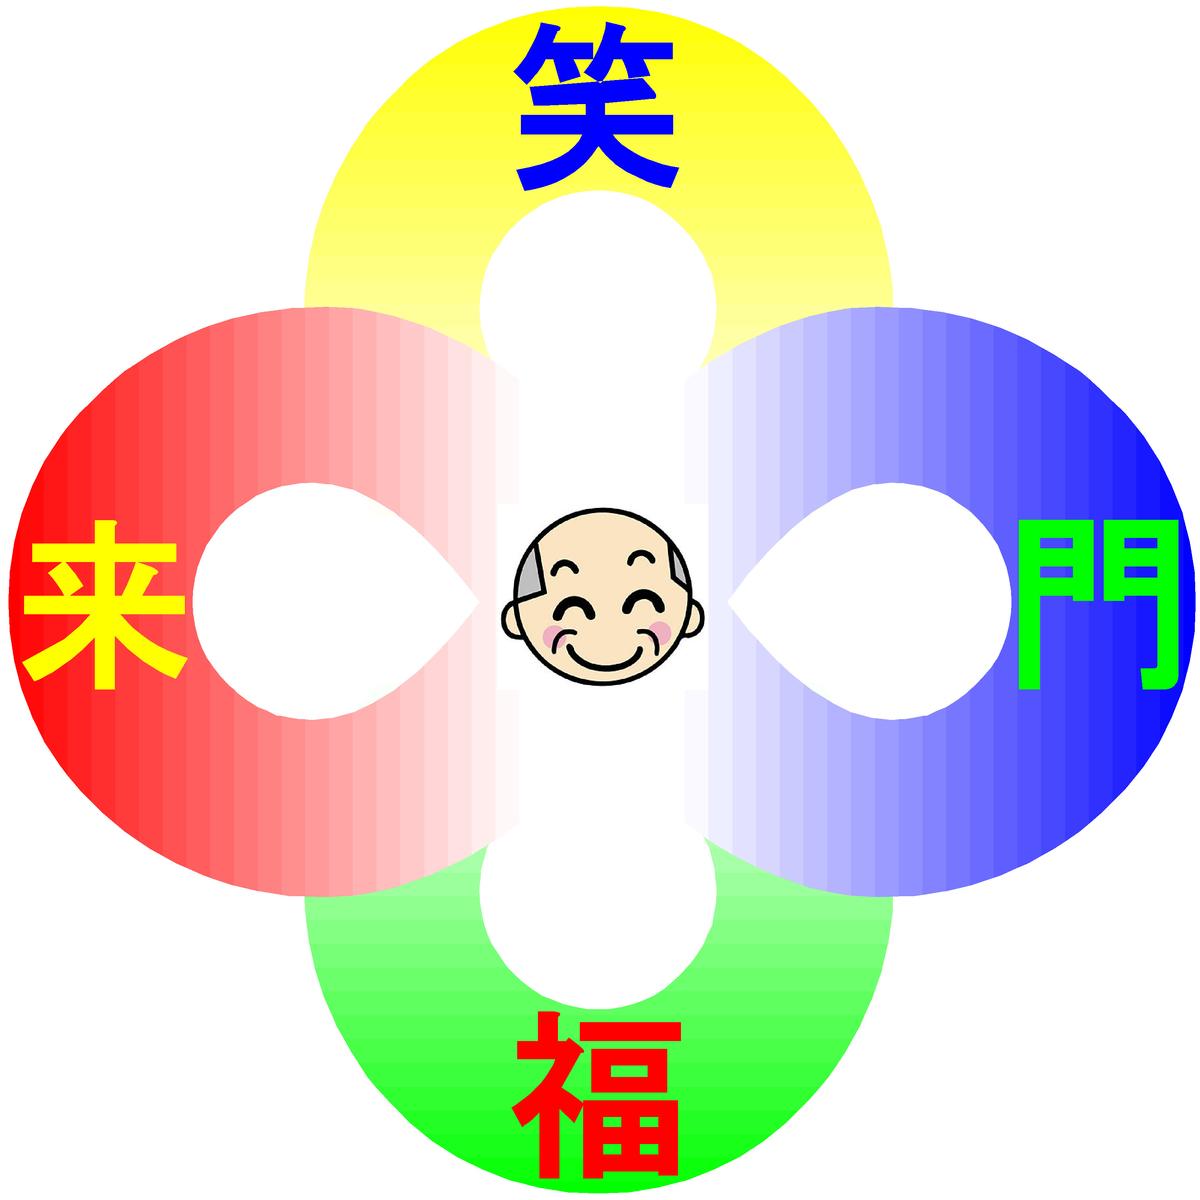 f:id:nasuyamasougo:20200515141147j:plain